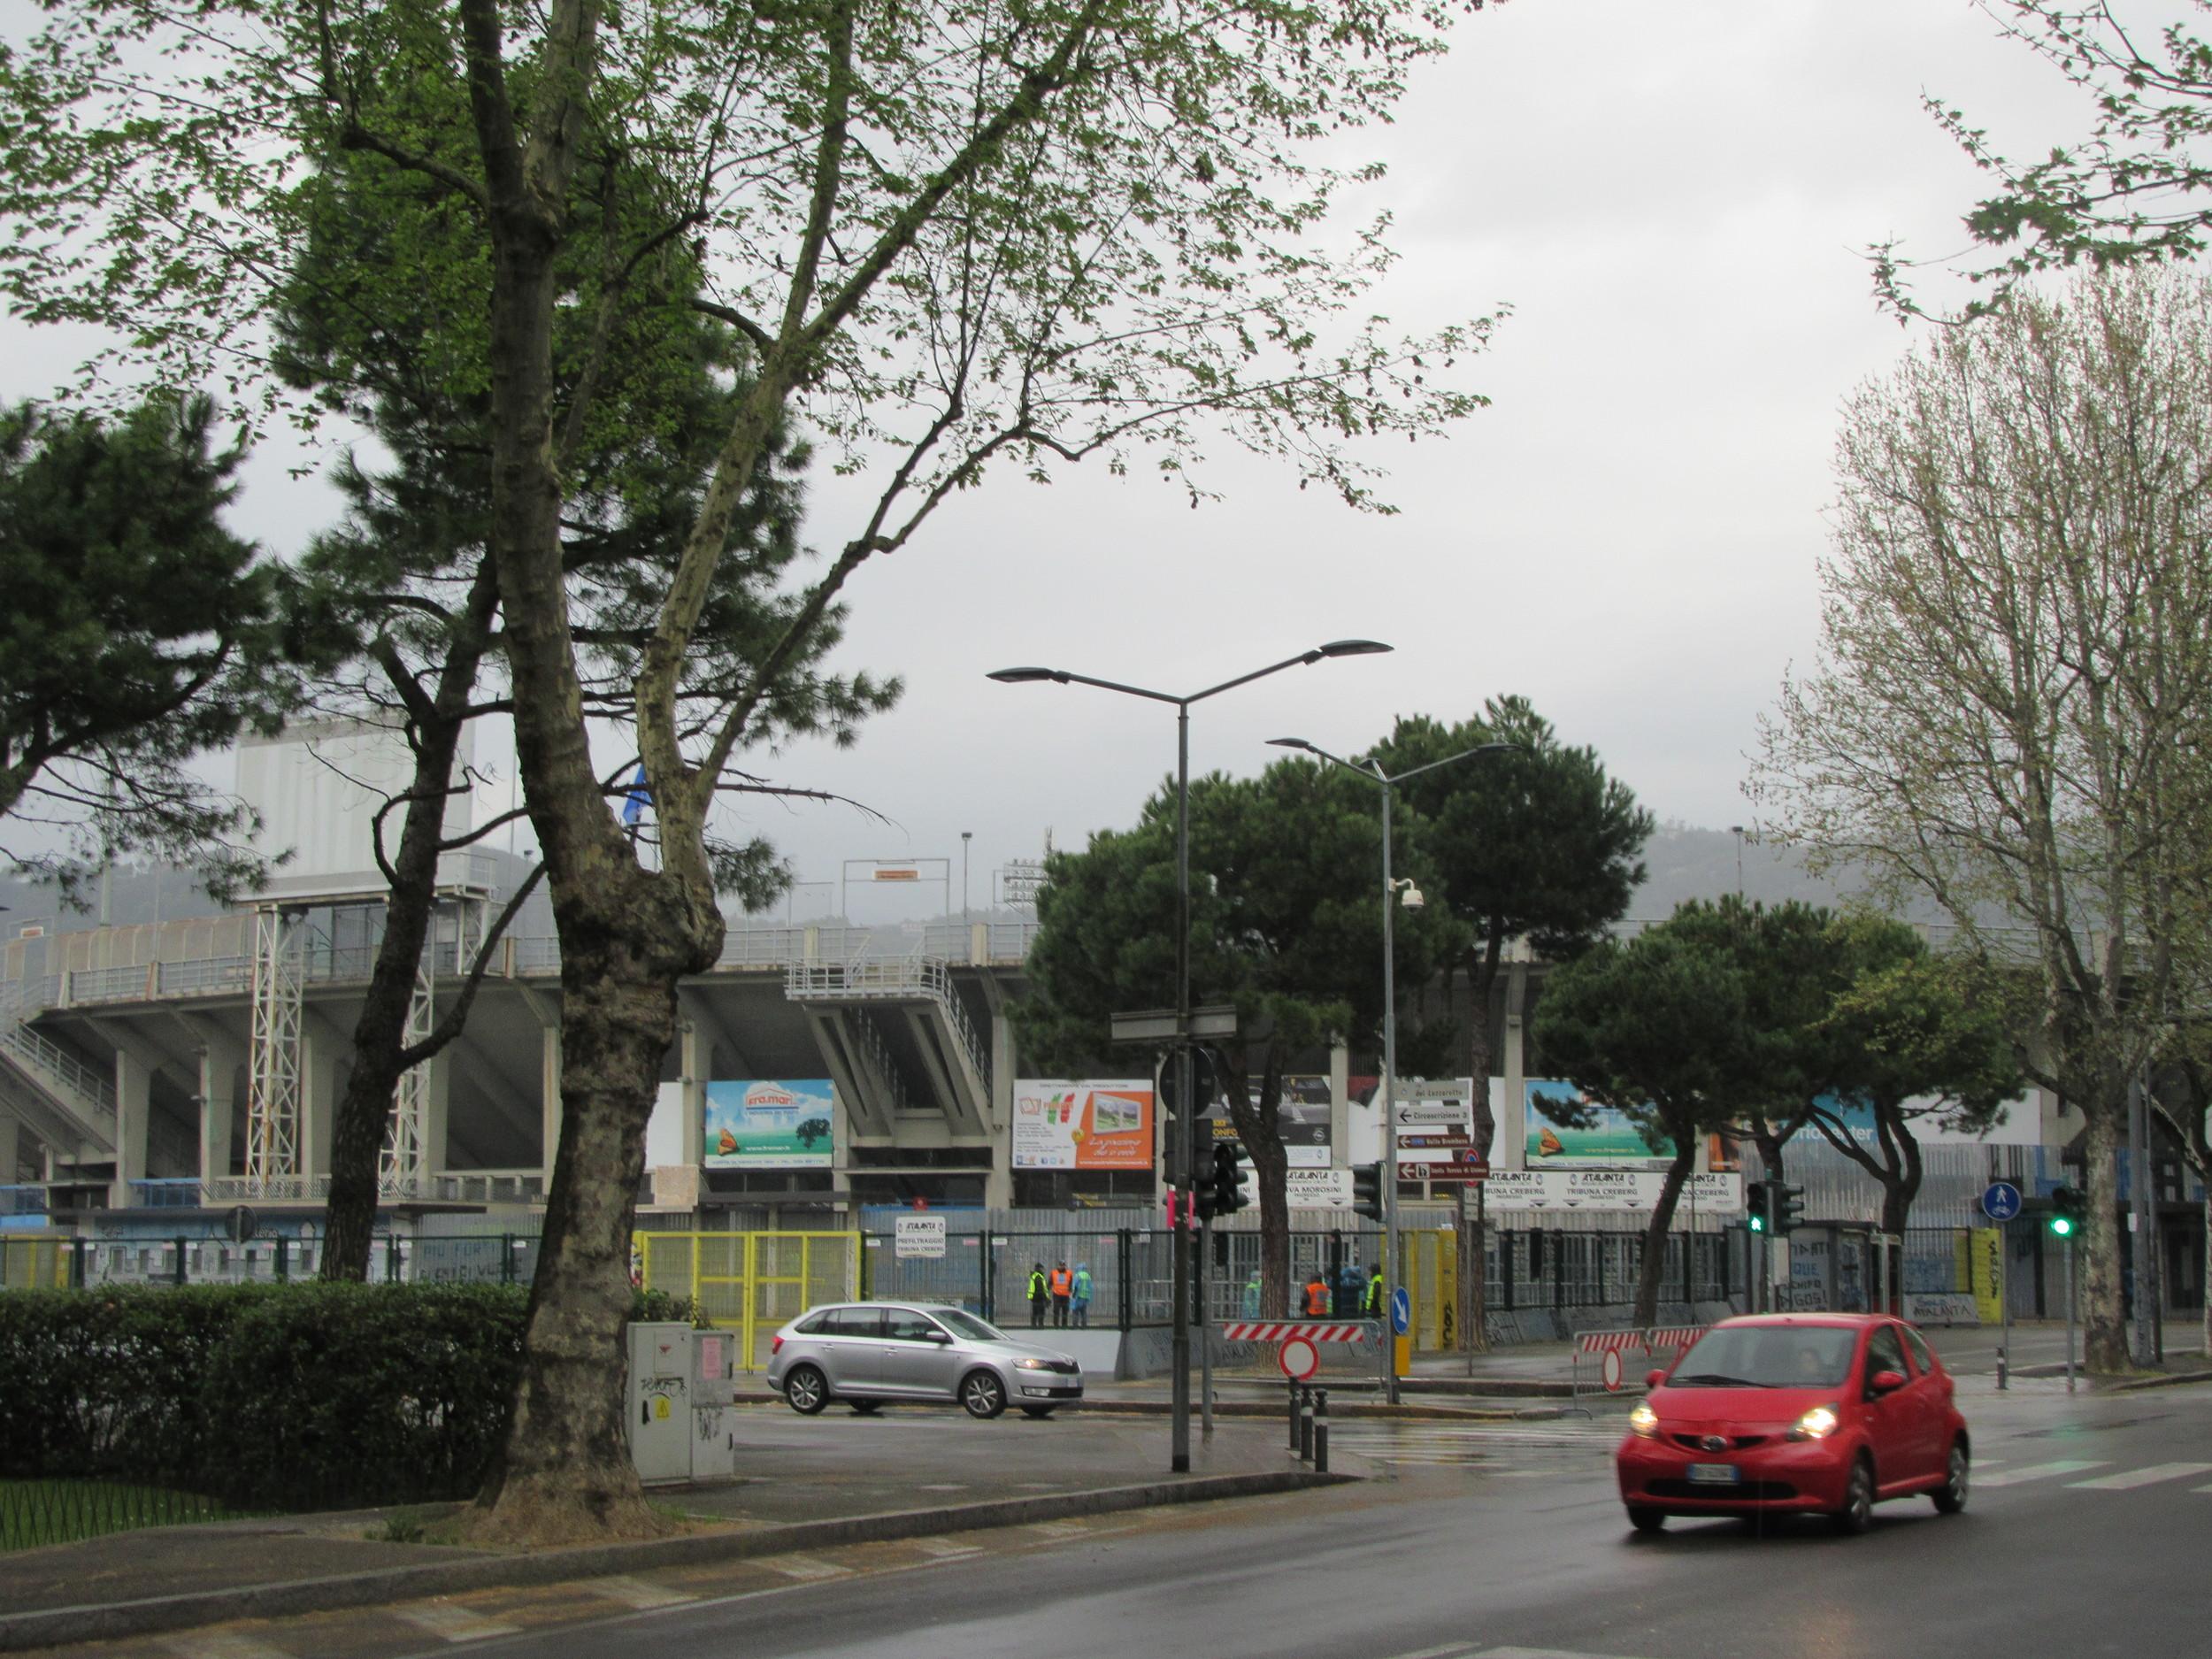 The exterior of the Stadio Atleti Azzurri d'Italia.